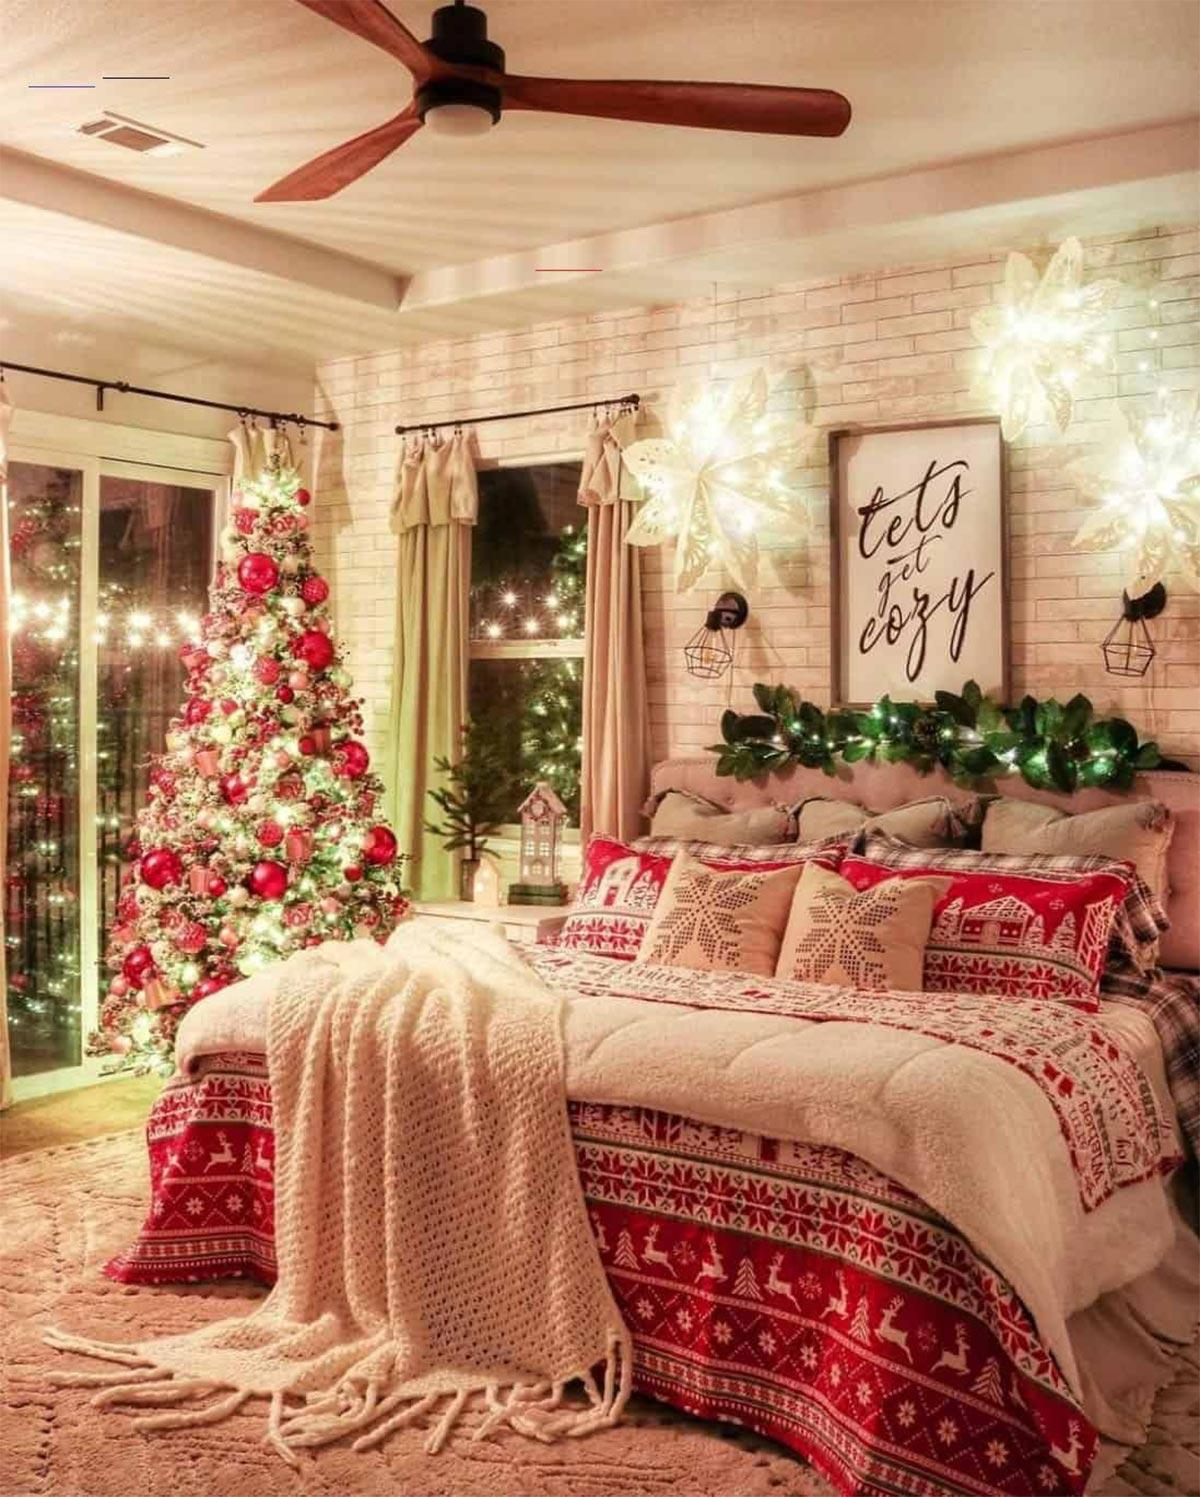 trang trí phòng ngủ chủ đề giáng sinh